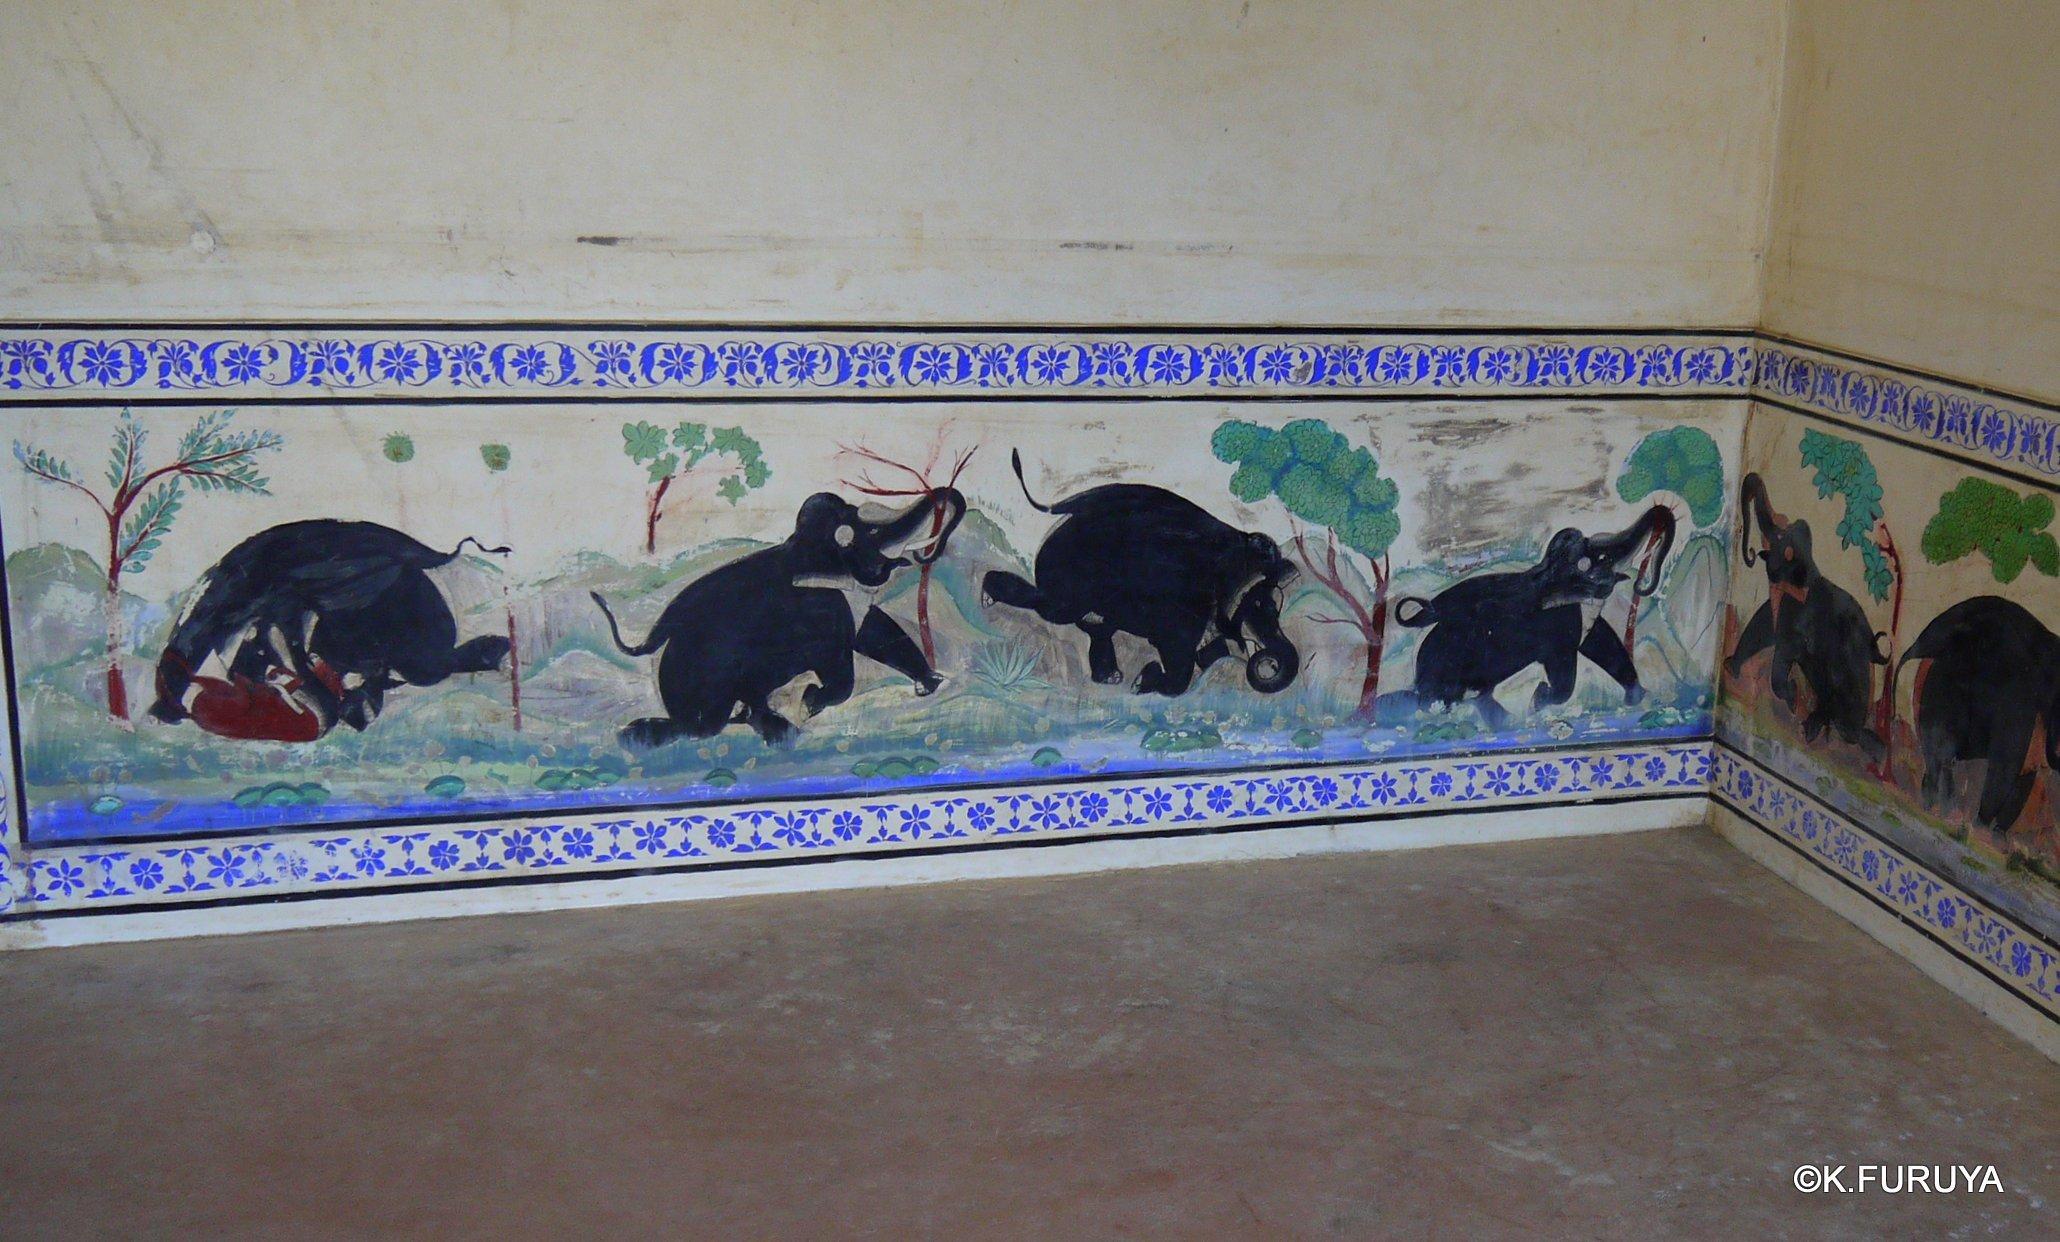 インド・ラジャスタンの旅 12 インド版「万里の長城」クンバルガル砦_a0092659_17451368.jpg